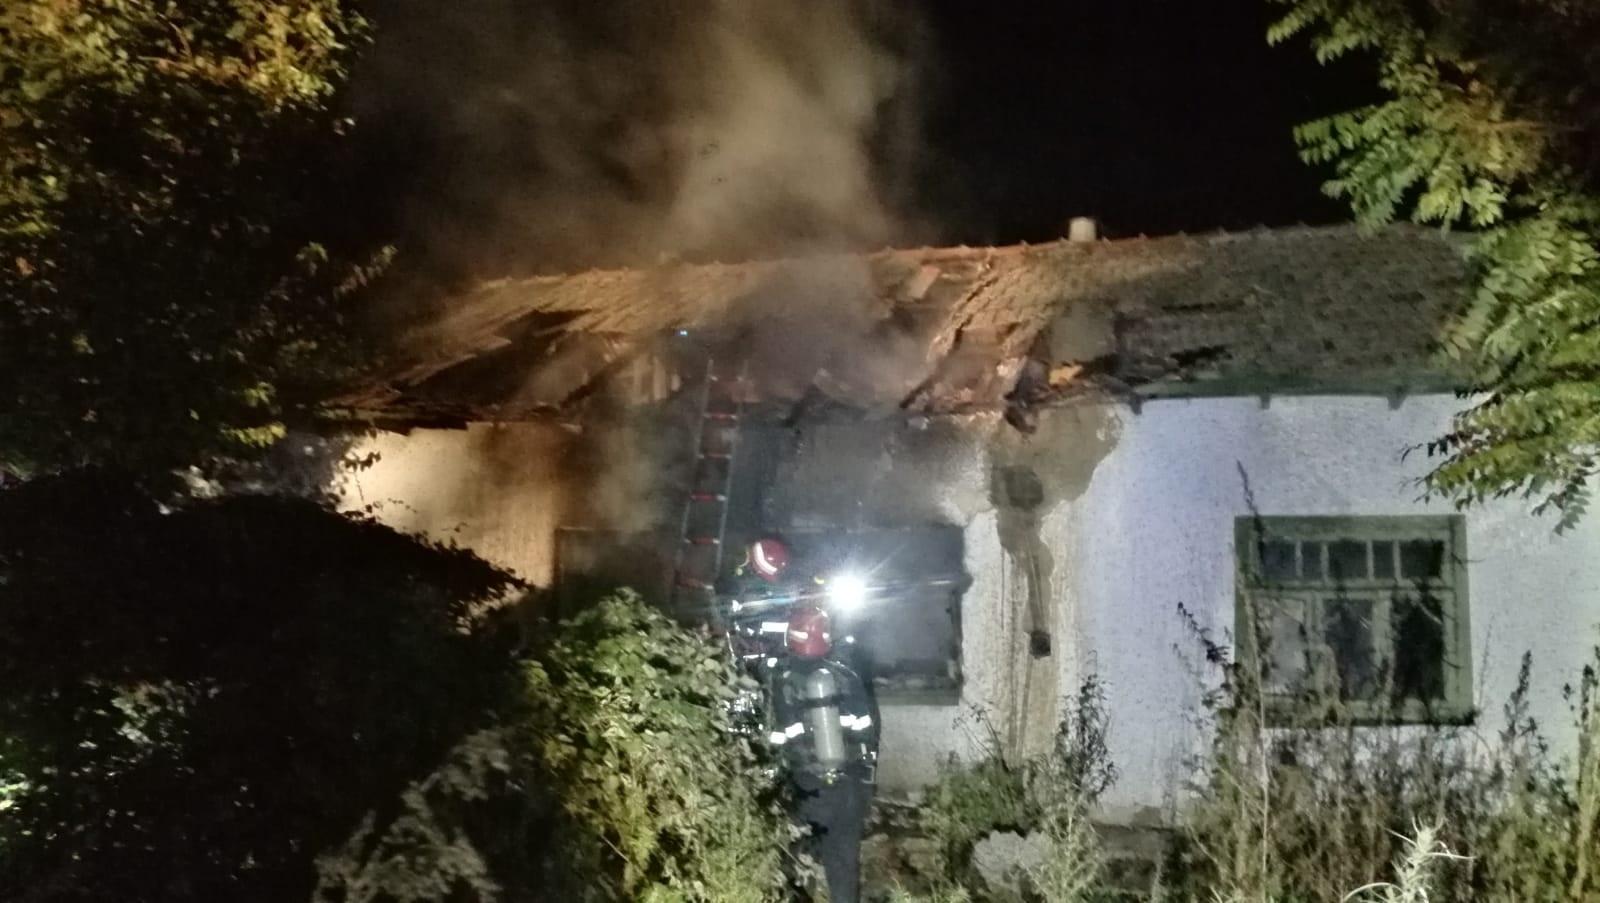 Bărbat de 65 de ani, mort într-un incendiu